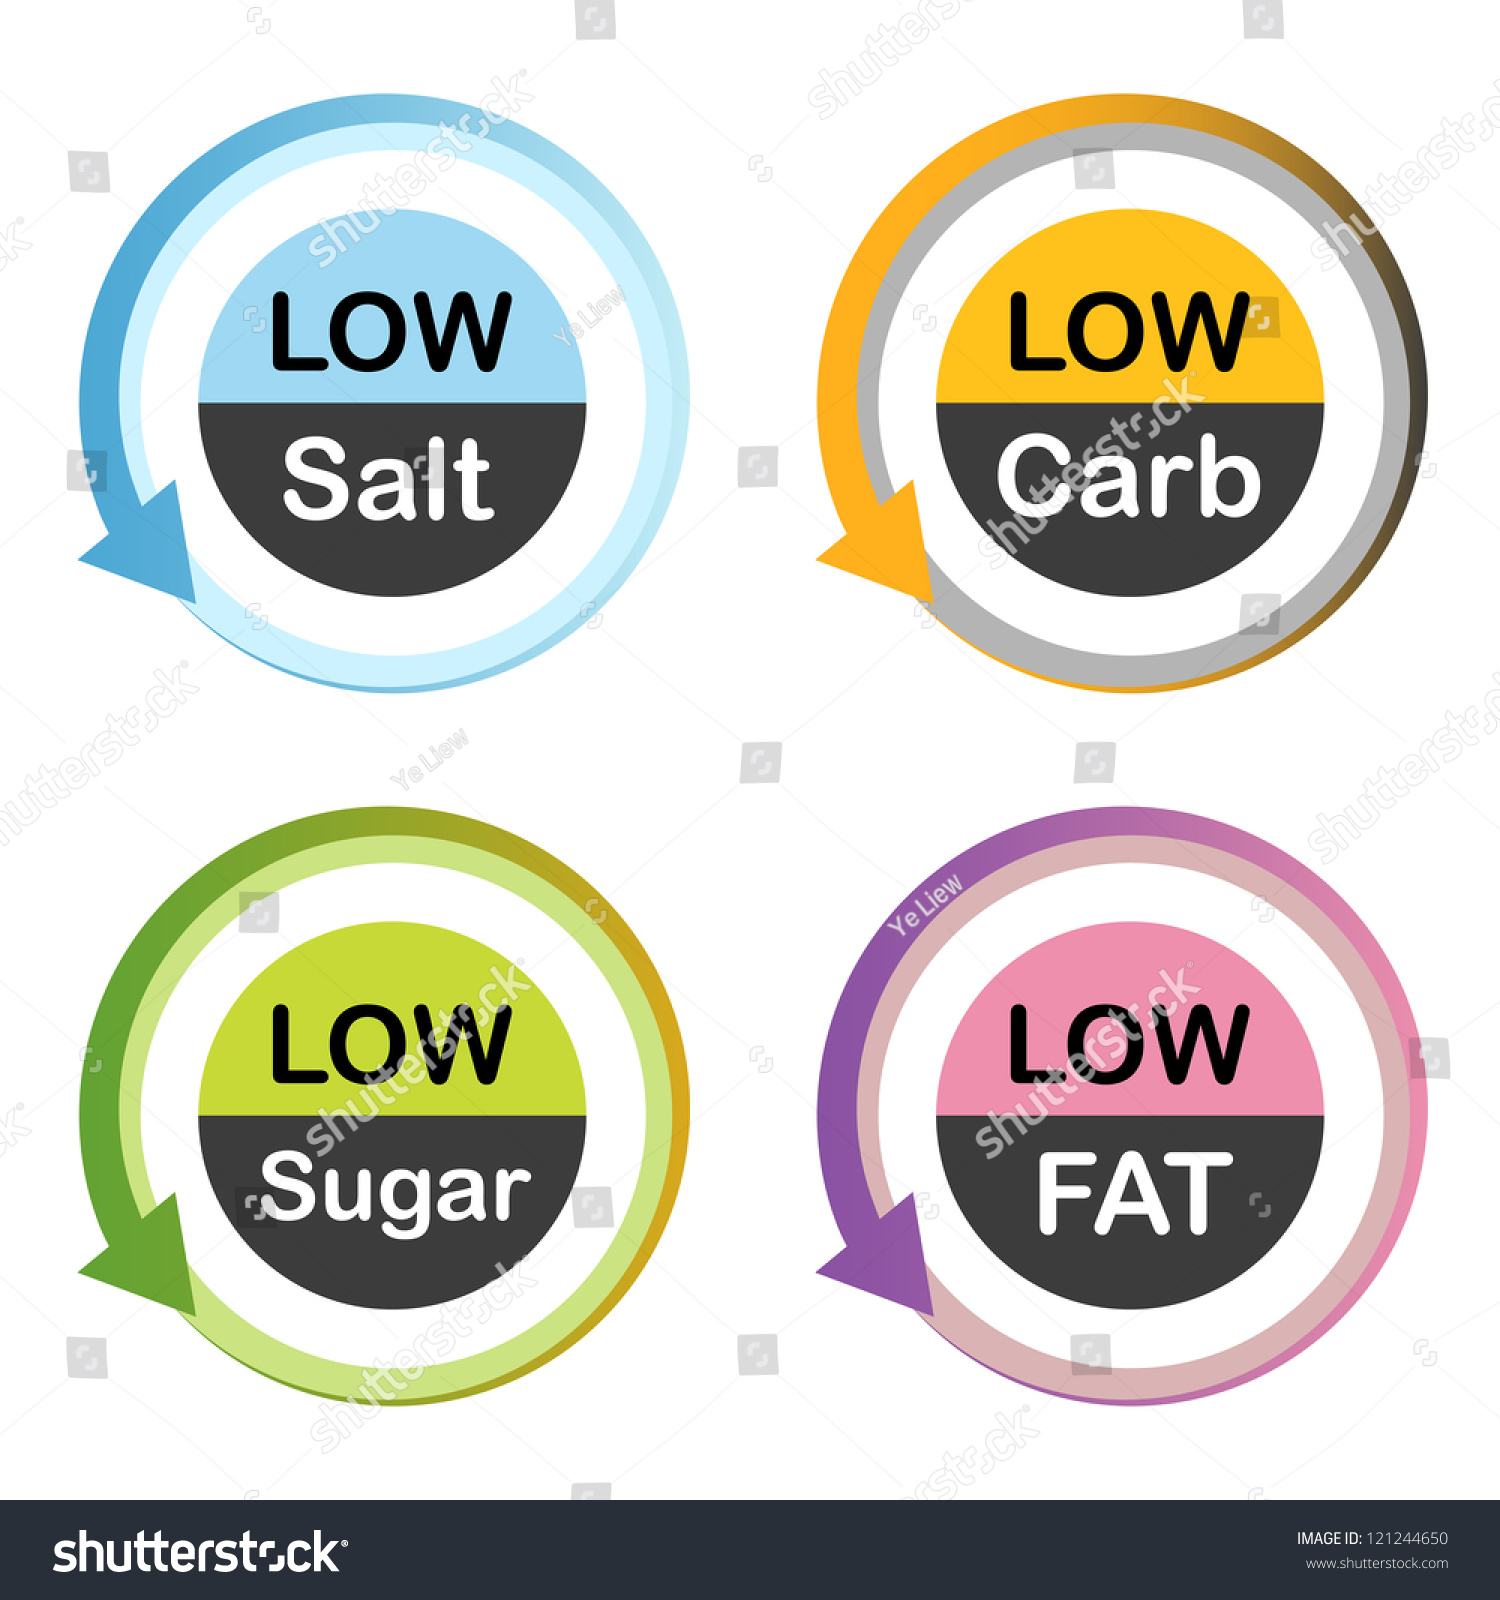 Low Salt Low Fat Diet Foods